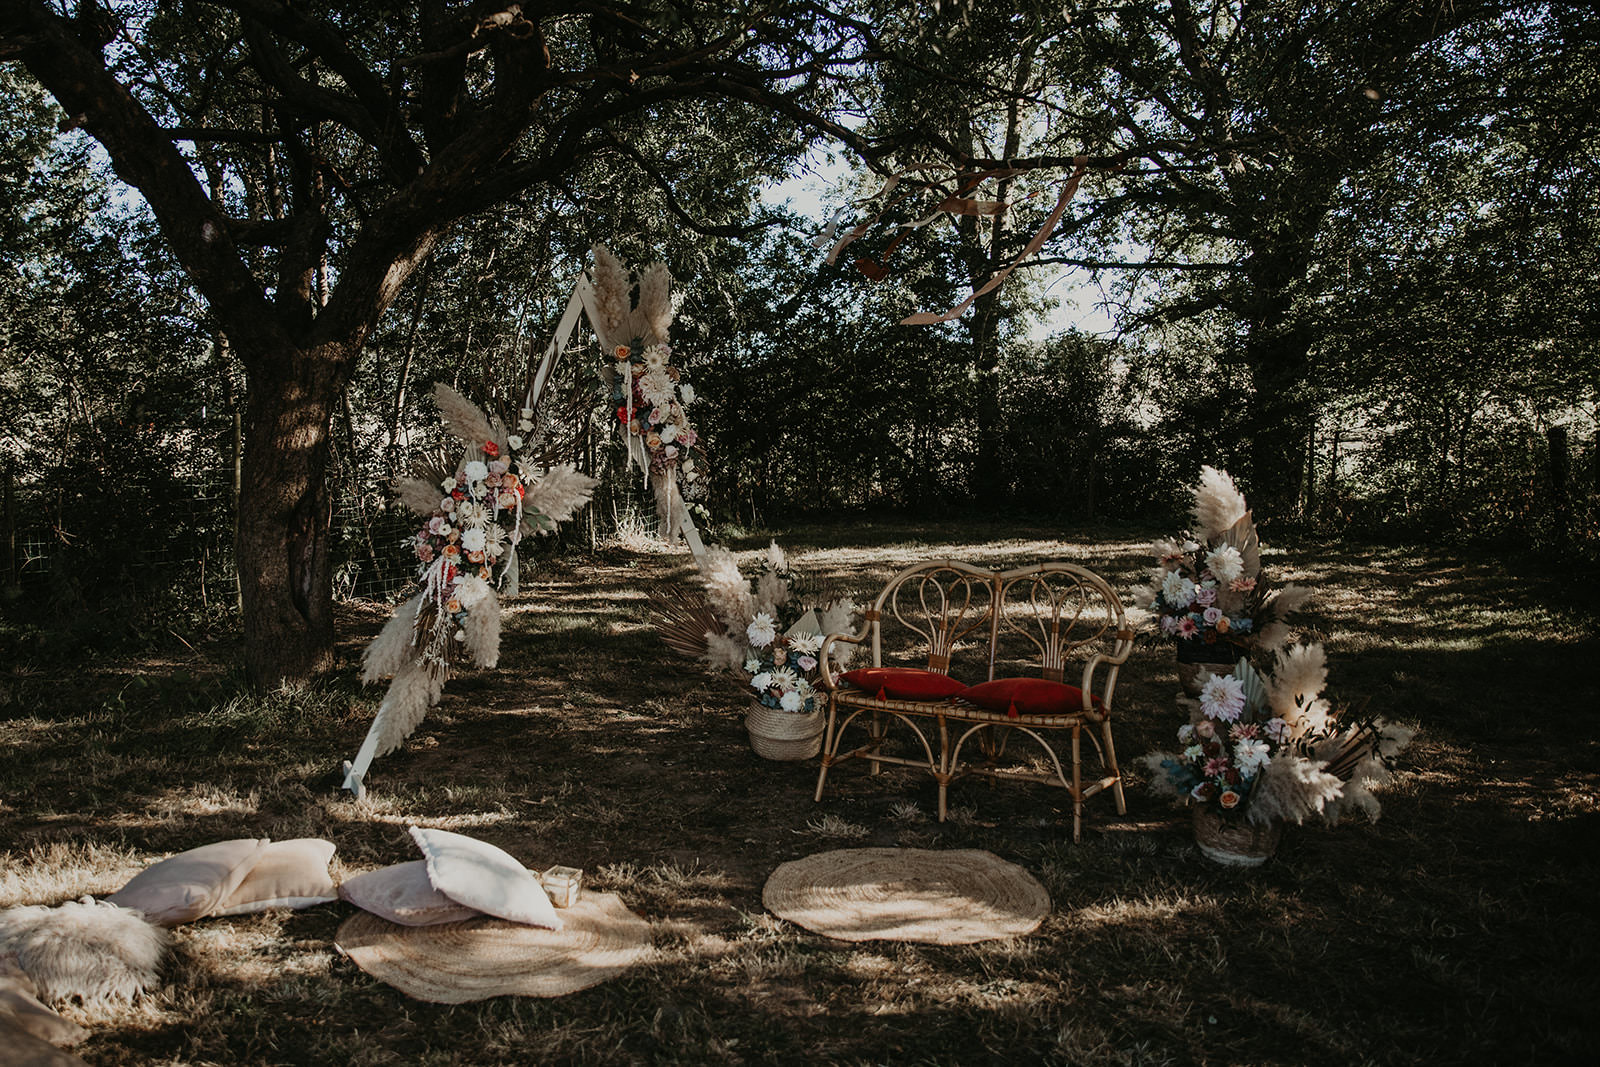 idee decoration mariage ecoresponsable boheme rennes